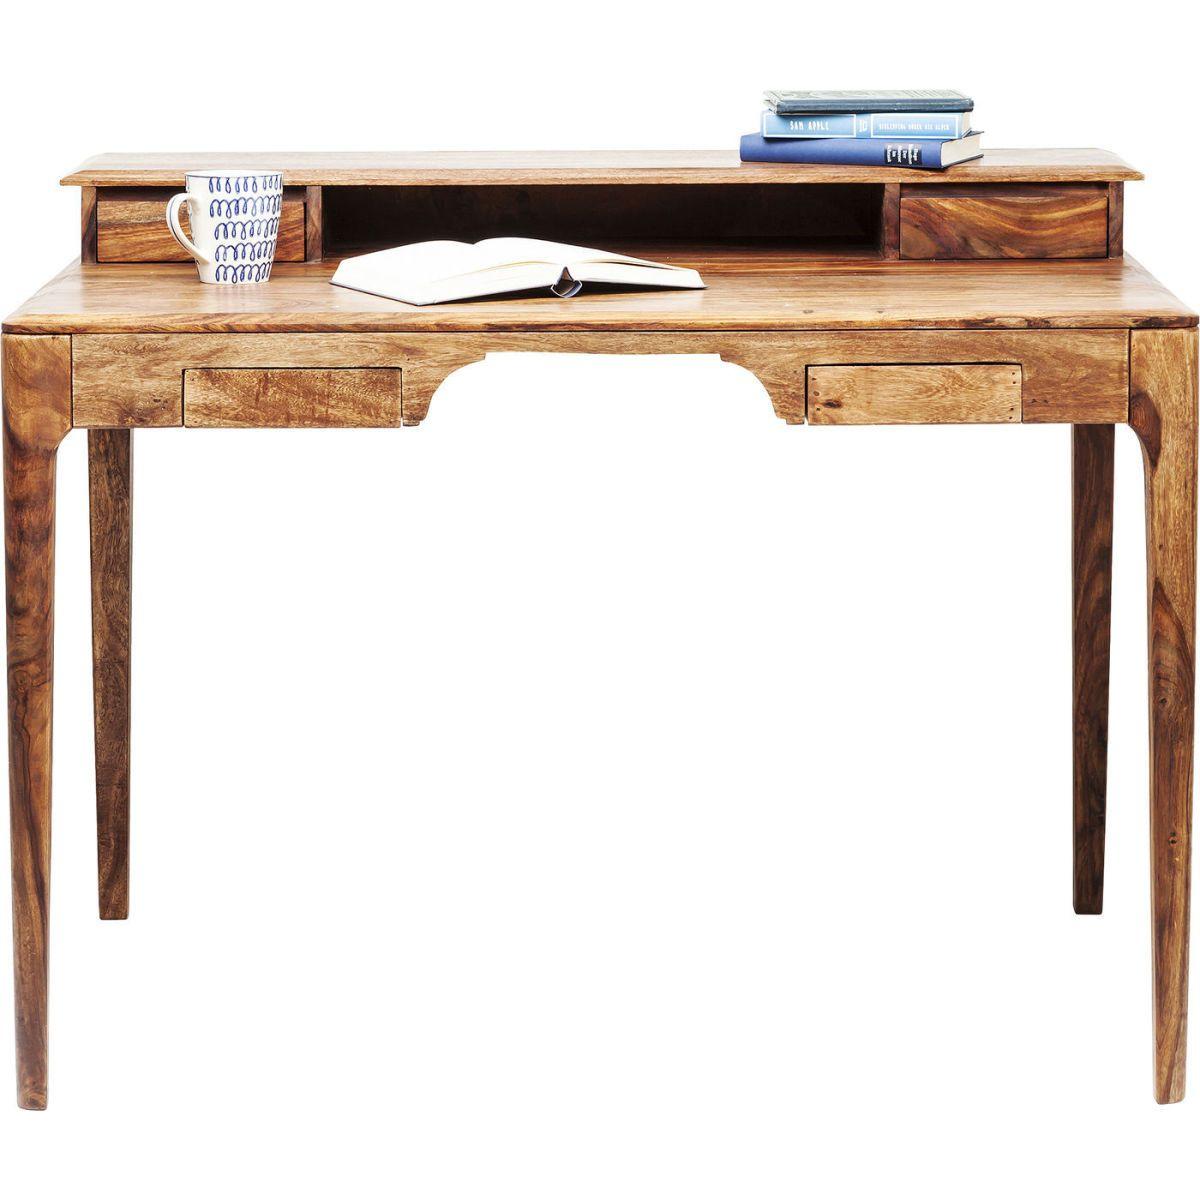 Faszinierend Schreibtisch Oslo Ideen Von Brooklyn Nature 110x70cm Jetzt Bestellen Unter: Https://moebel.ladendirekt.